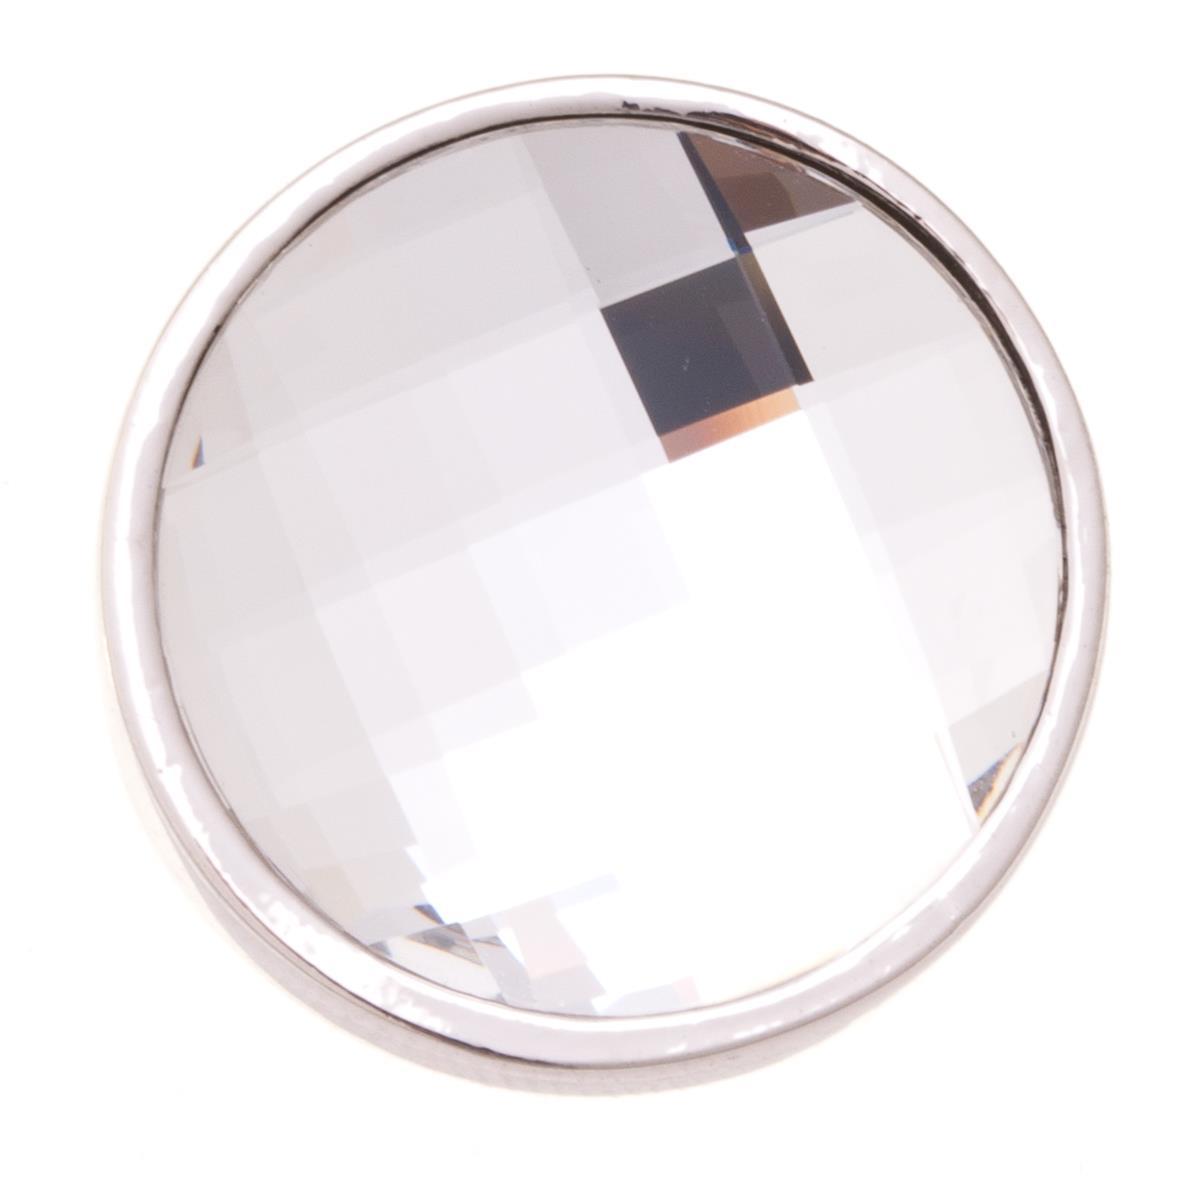 Накладка на кольцо-основу Jenavi Коллекция Ротор Сцрев, цвет: серебряный, белый. k193fr00. Размер 2k193fr00Коллекция Ротор, Сцрев (Накладка,которая одевается на кольцо основу) гипоаллергенный ювелирный сплав,Серебрение c род. , вставка Кристаллы Swarovski , цвет - серебряный, белый избегать взаимодействия с водой и химическими средствами